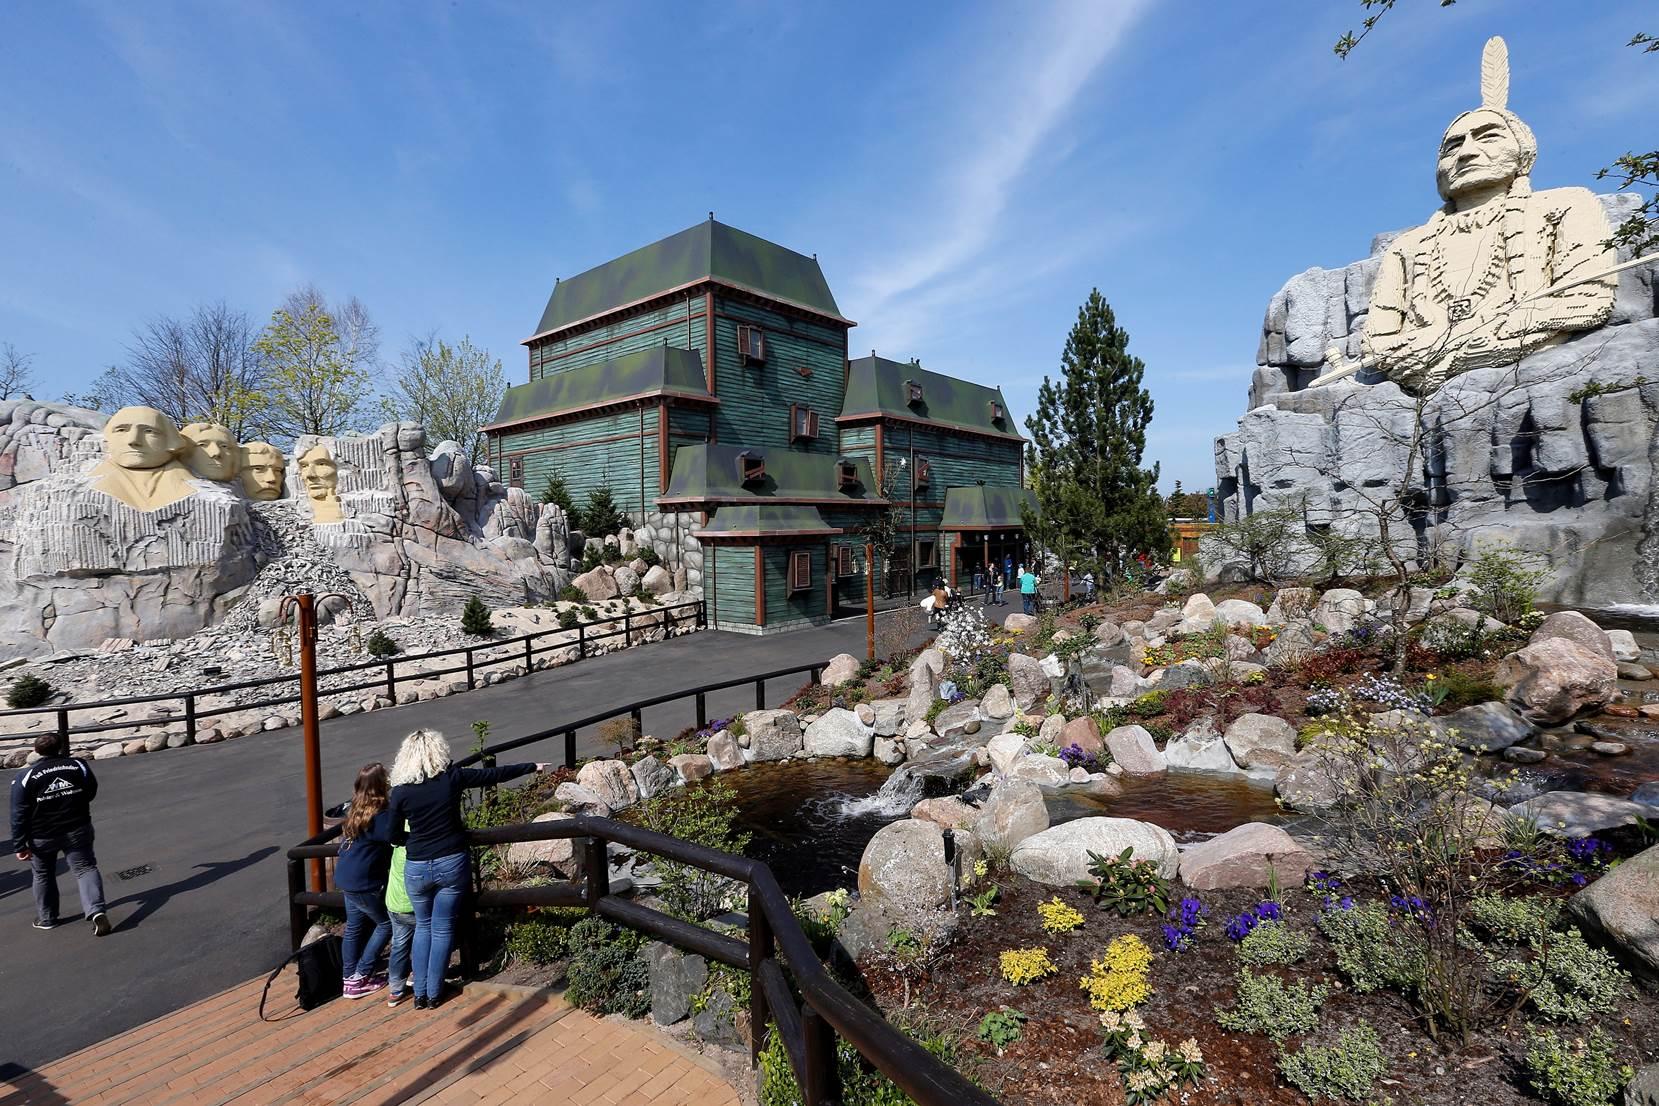 Nawiedzony Dom Legoland Billund